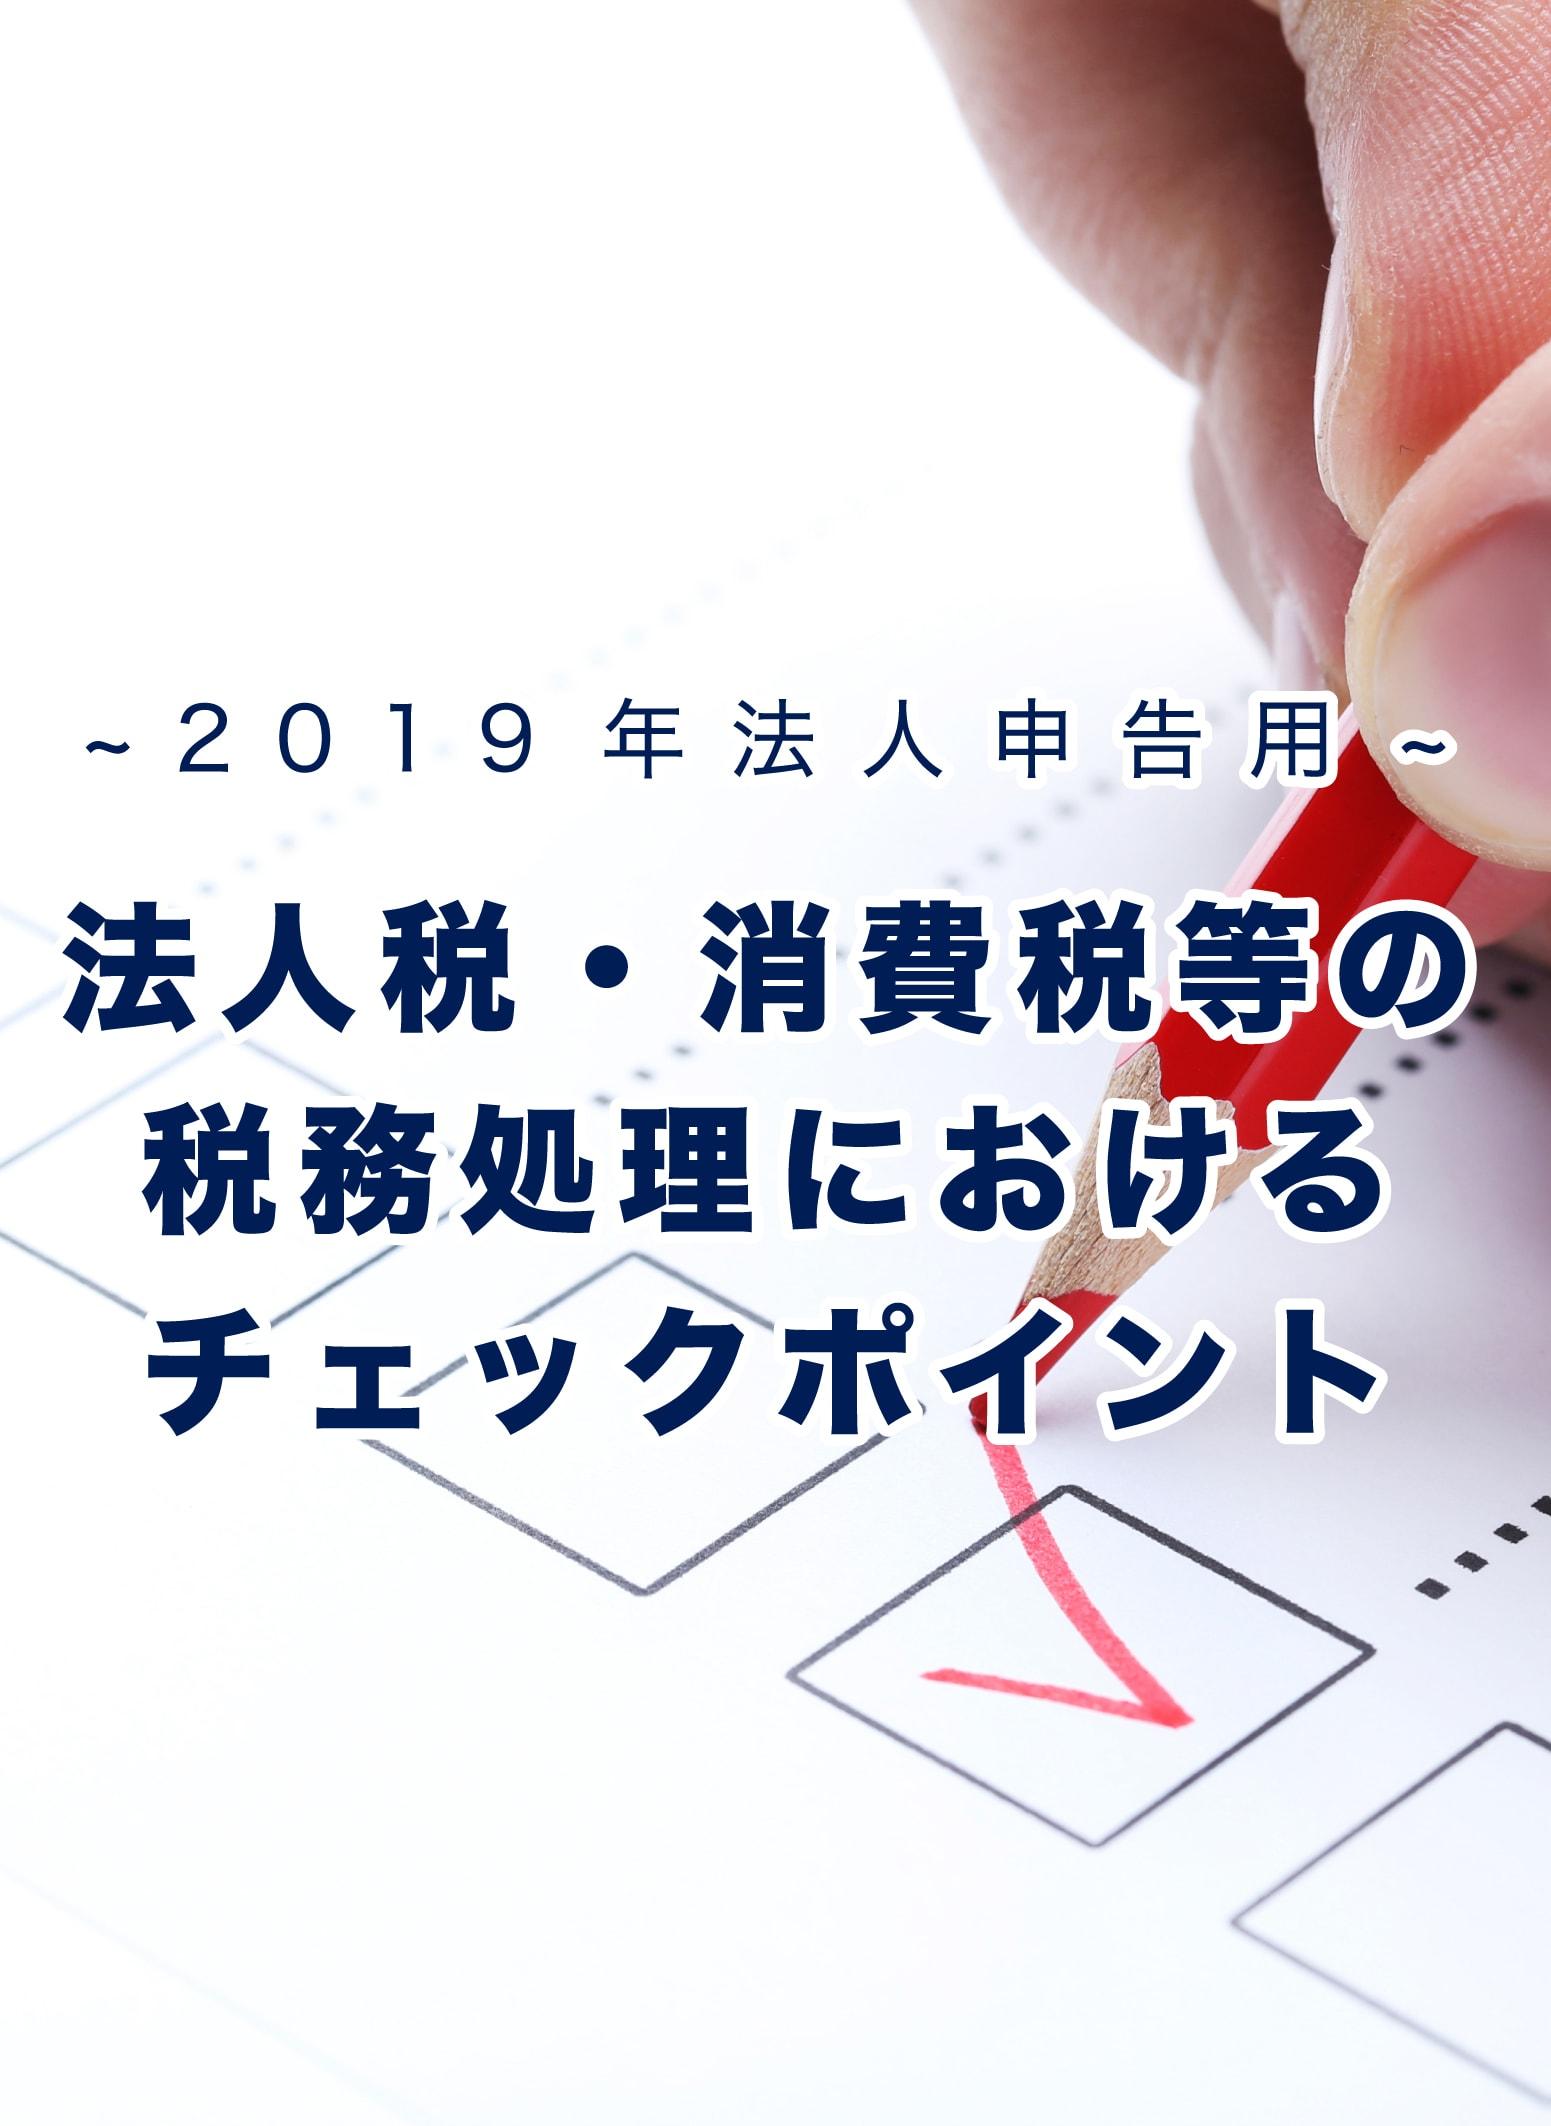 法人税・消費税等の税務処理におけるチェックポイント